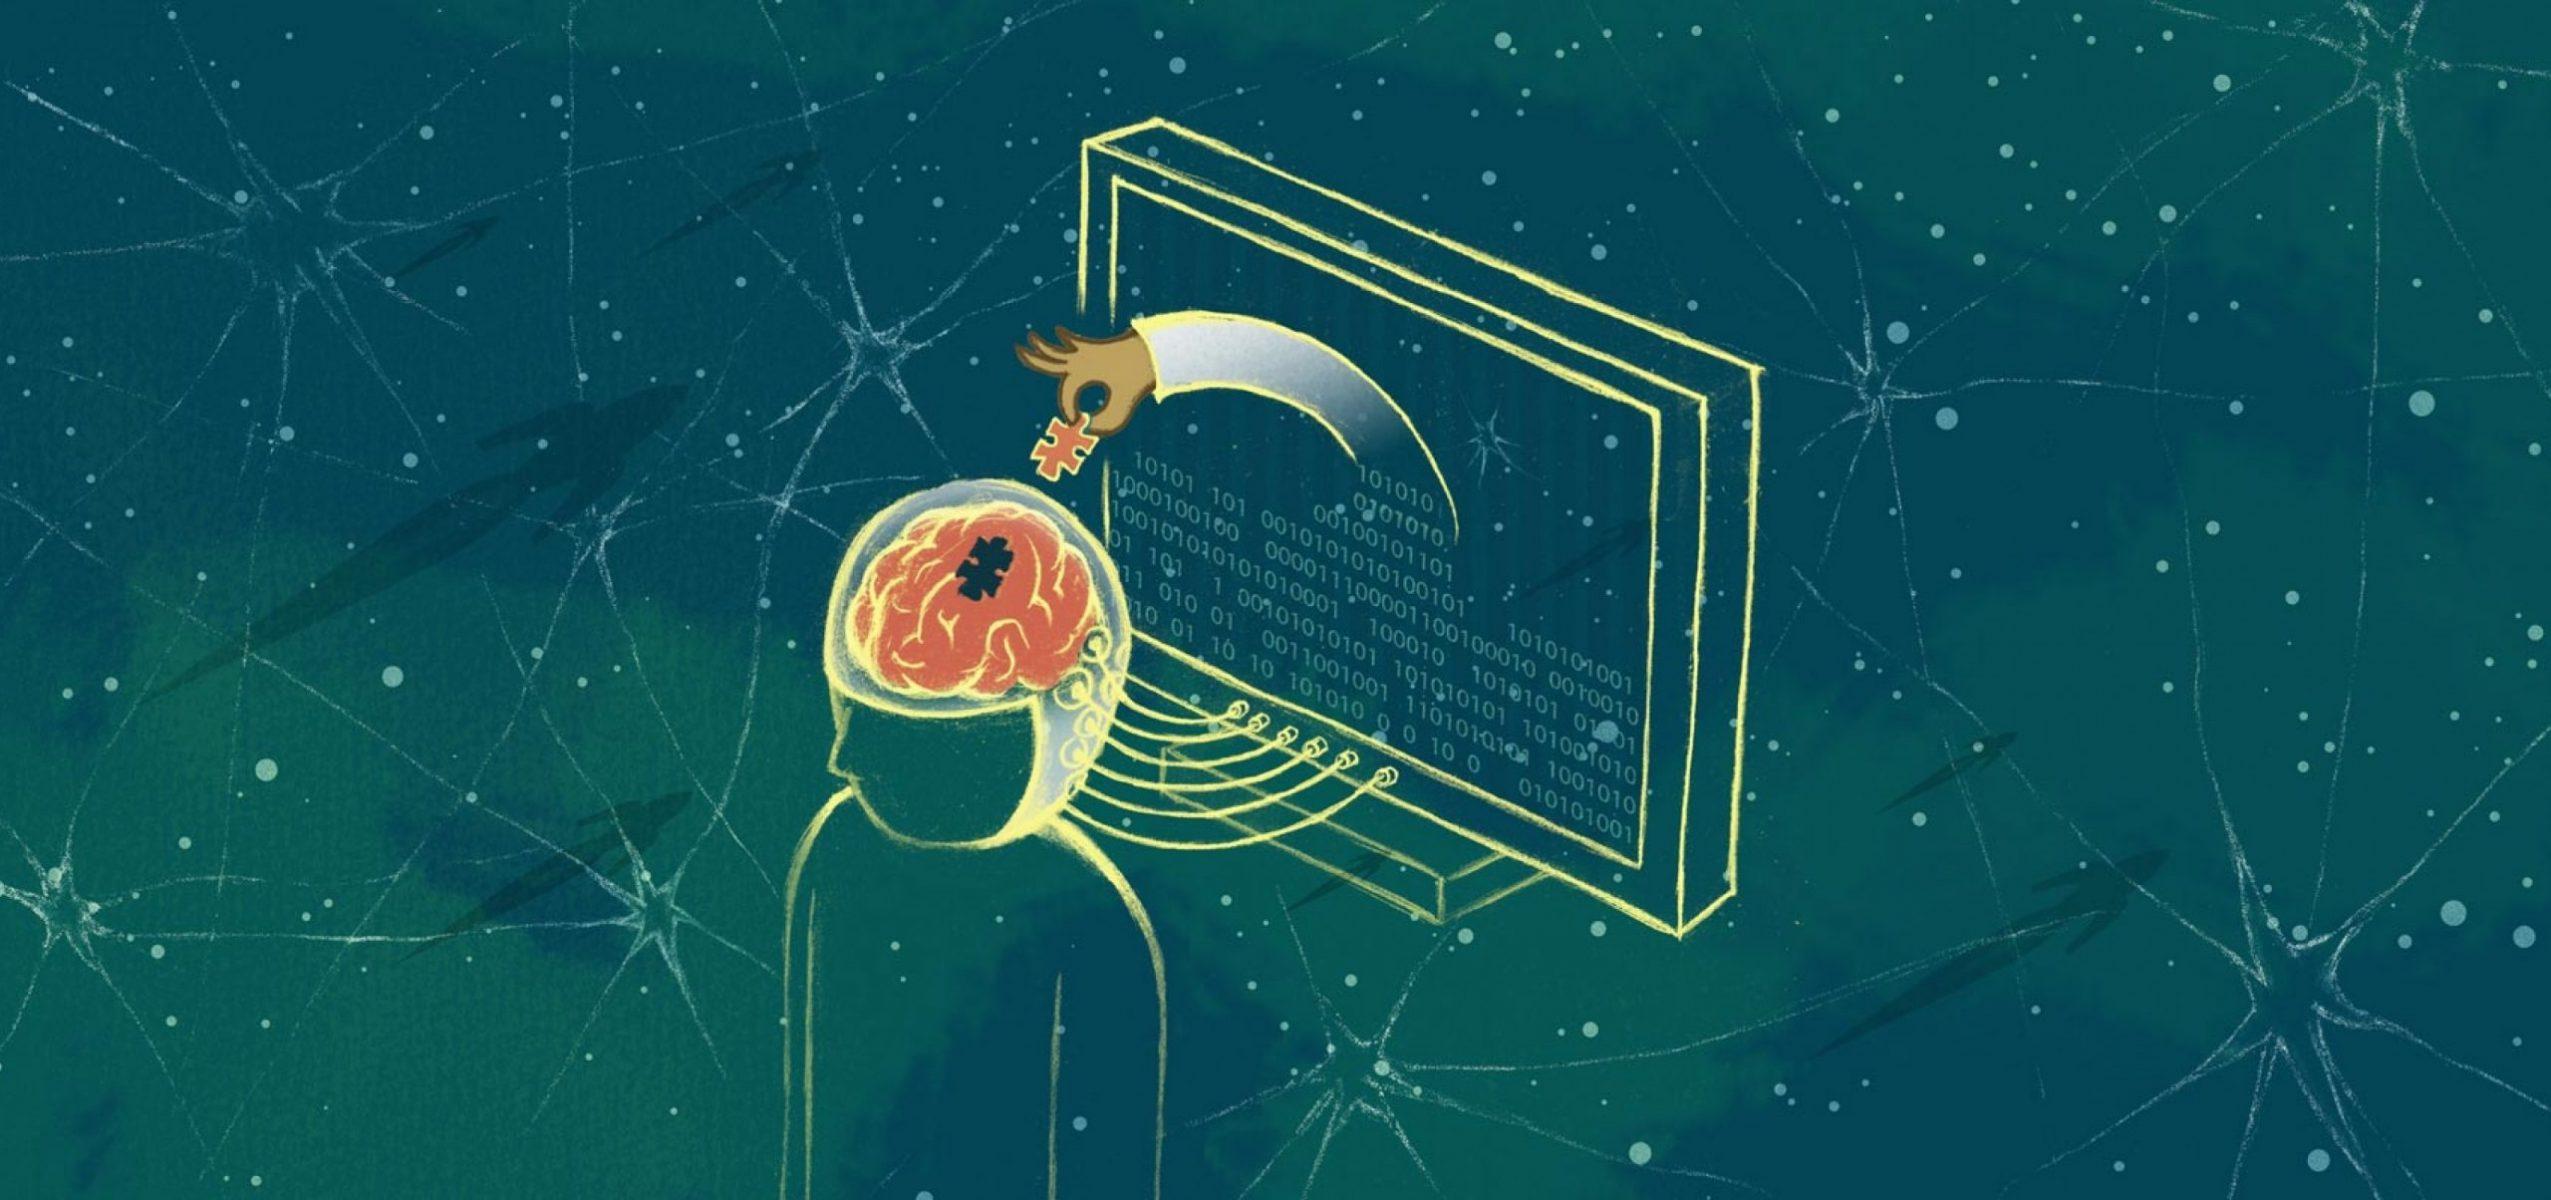 Ψυχική Υγεία: Πώς η γλώσσα τροποποιεί τη σκέψη